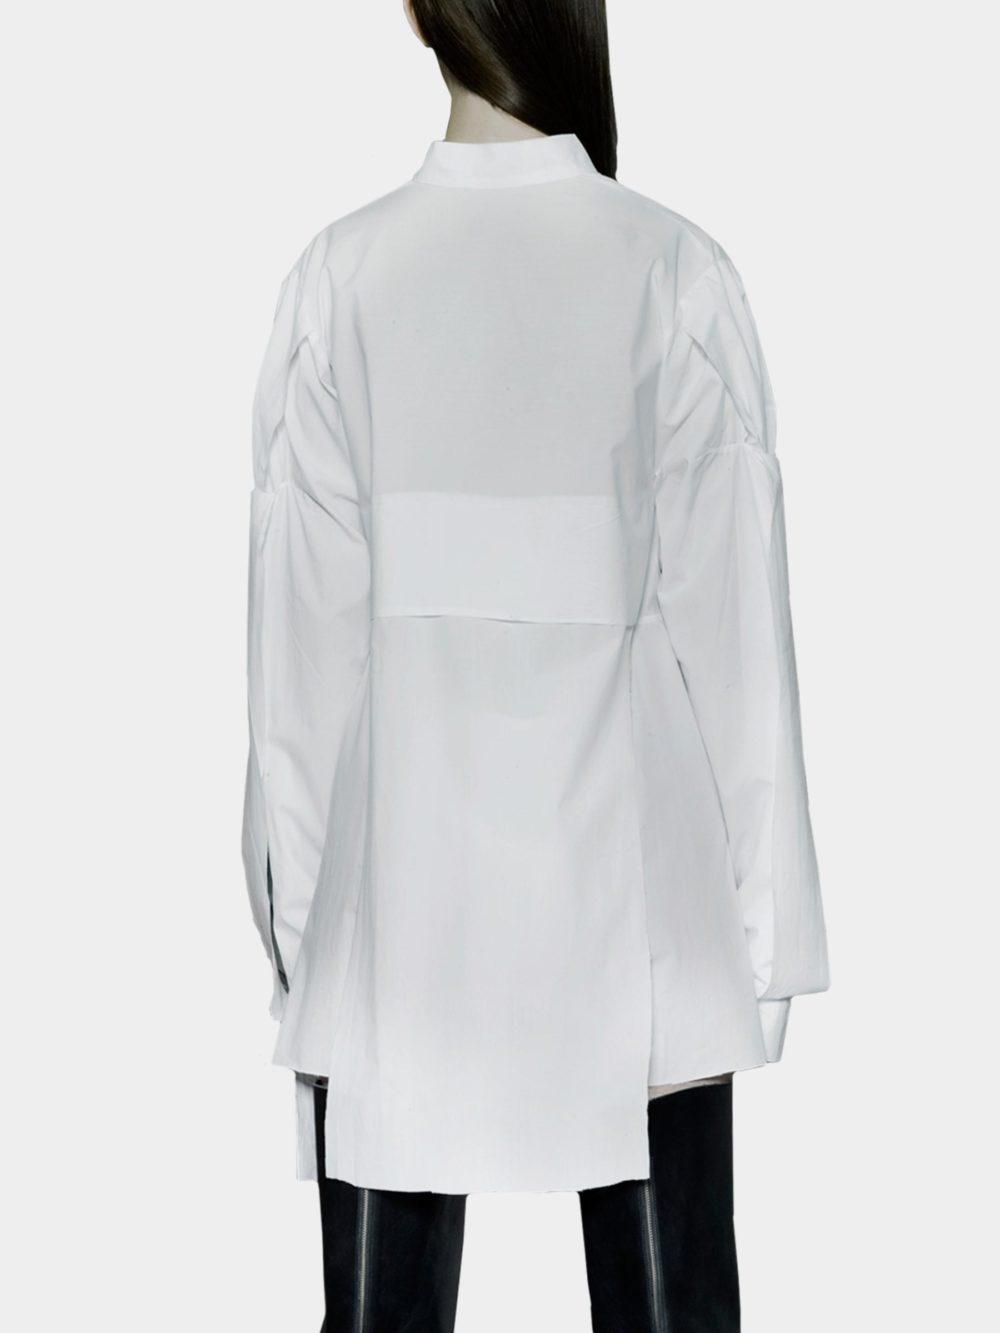 White Shirt - Joanna Organisciak - Cotton - utopiast.com